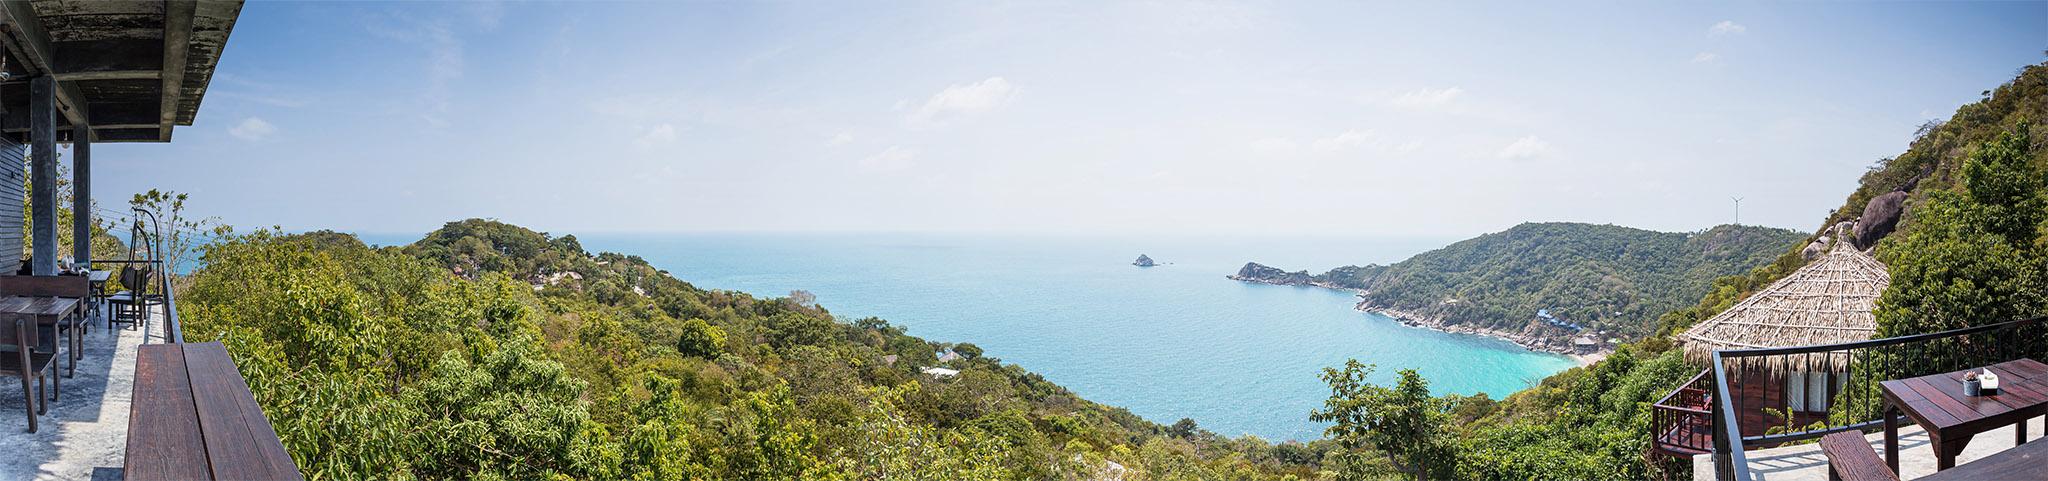 koh tao เกาะเต่า blue heaven